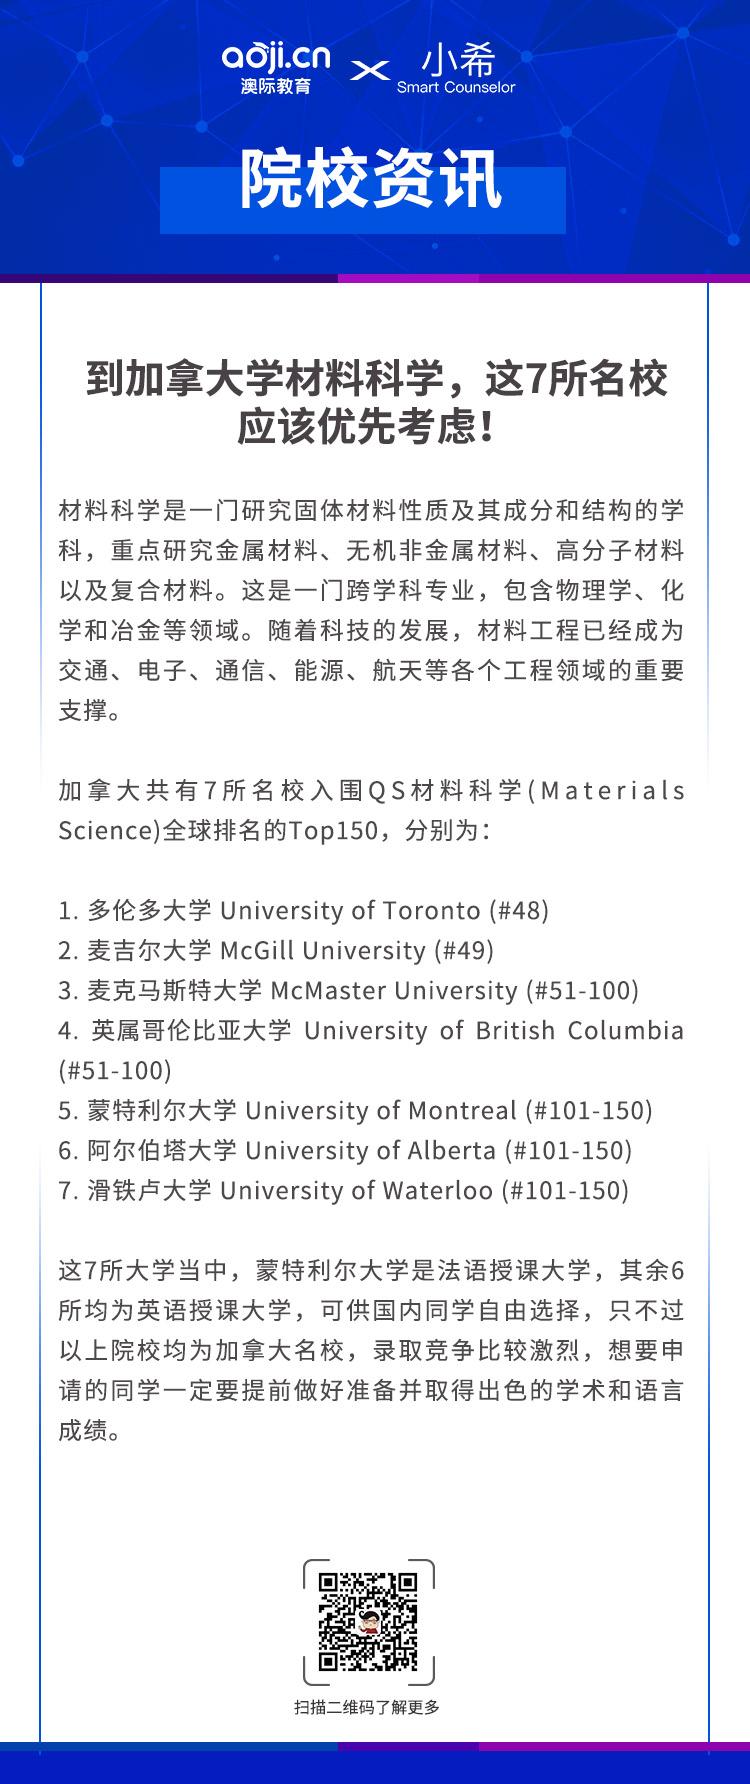 到加拿大学材料科学,这7所名校应该优先考虑!